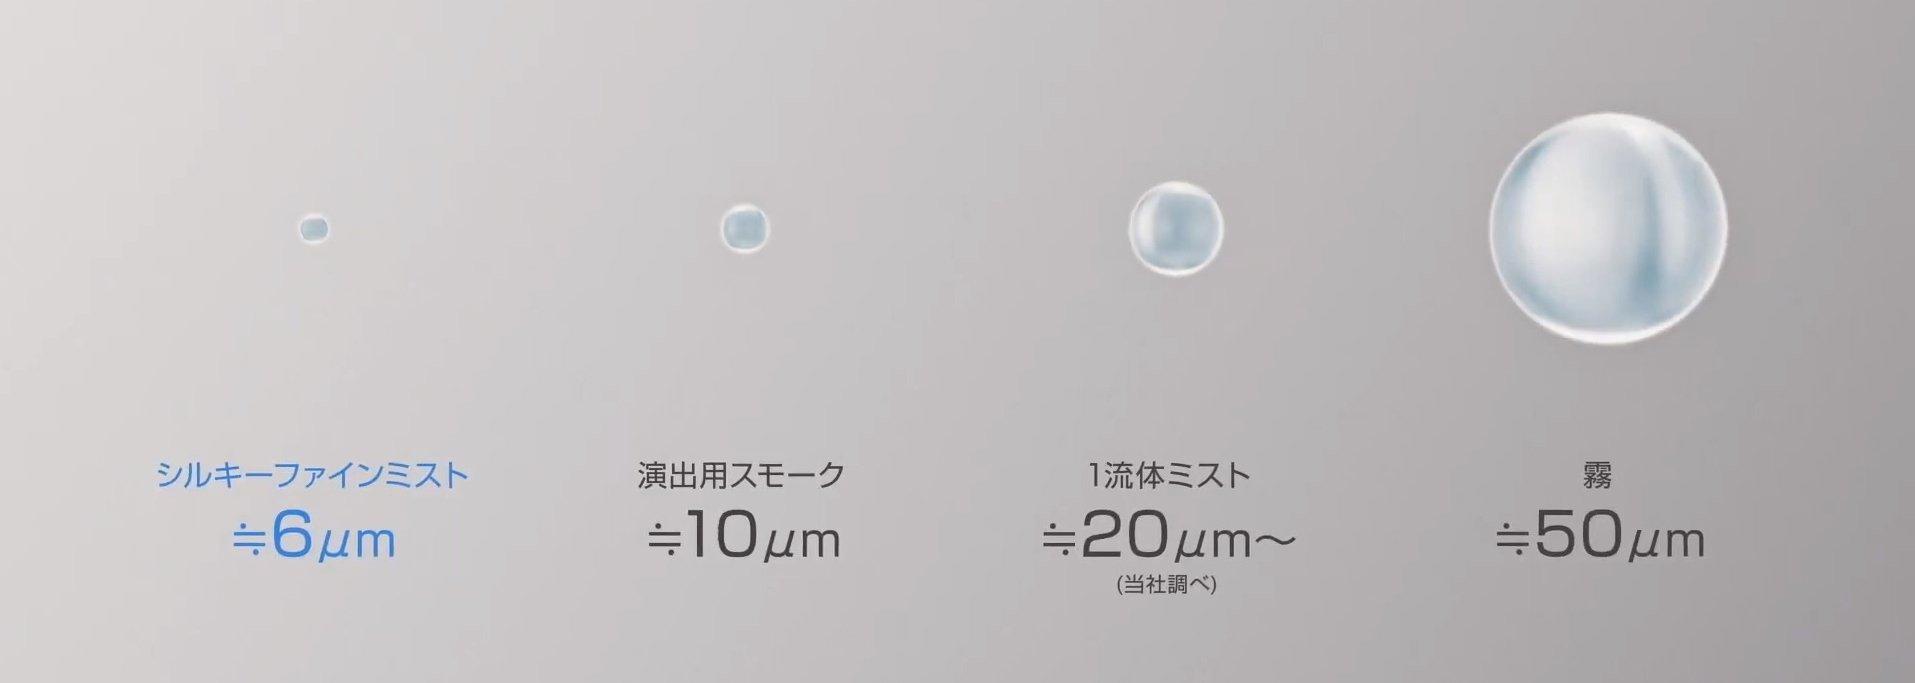 「グリーンAC Flex」のシルキーファインミストと他の物質とのサイズ比較(1マイクロメートル = 0.001 ミリメートル)